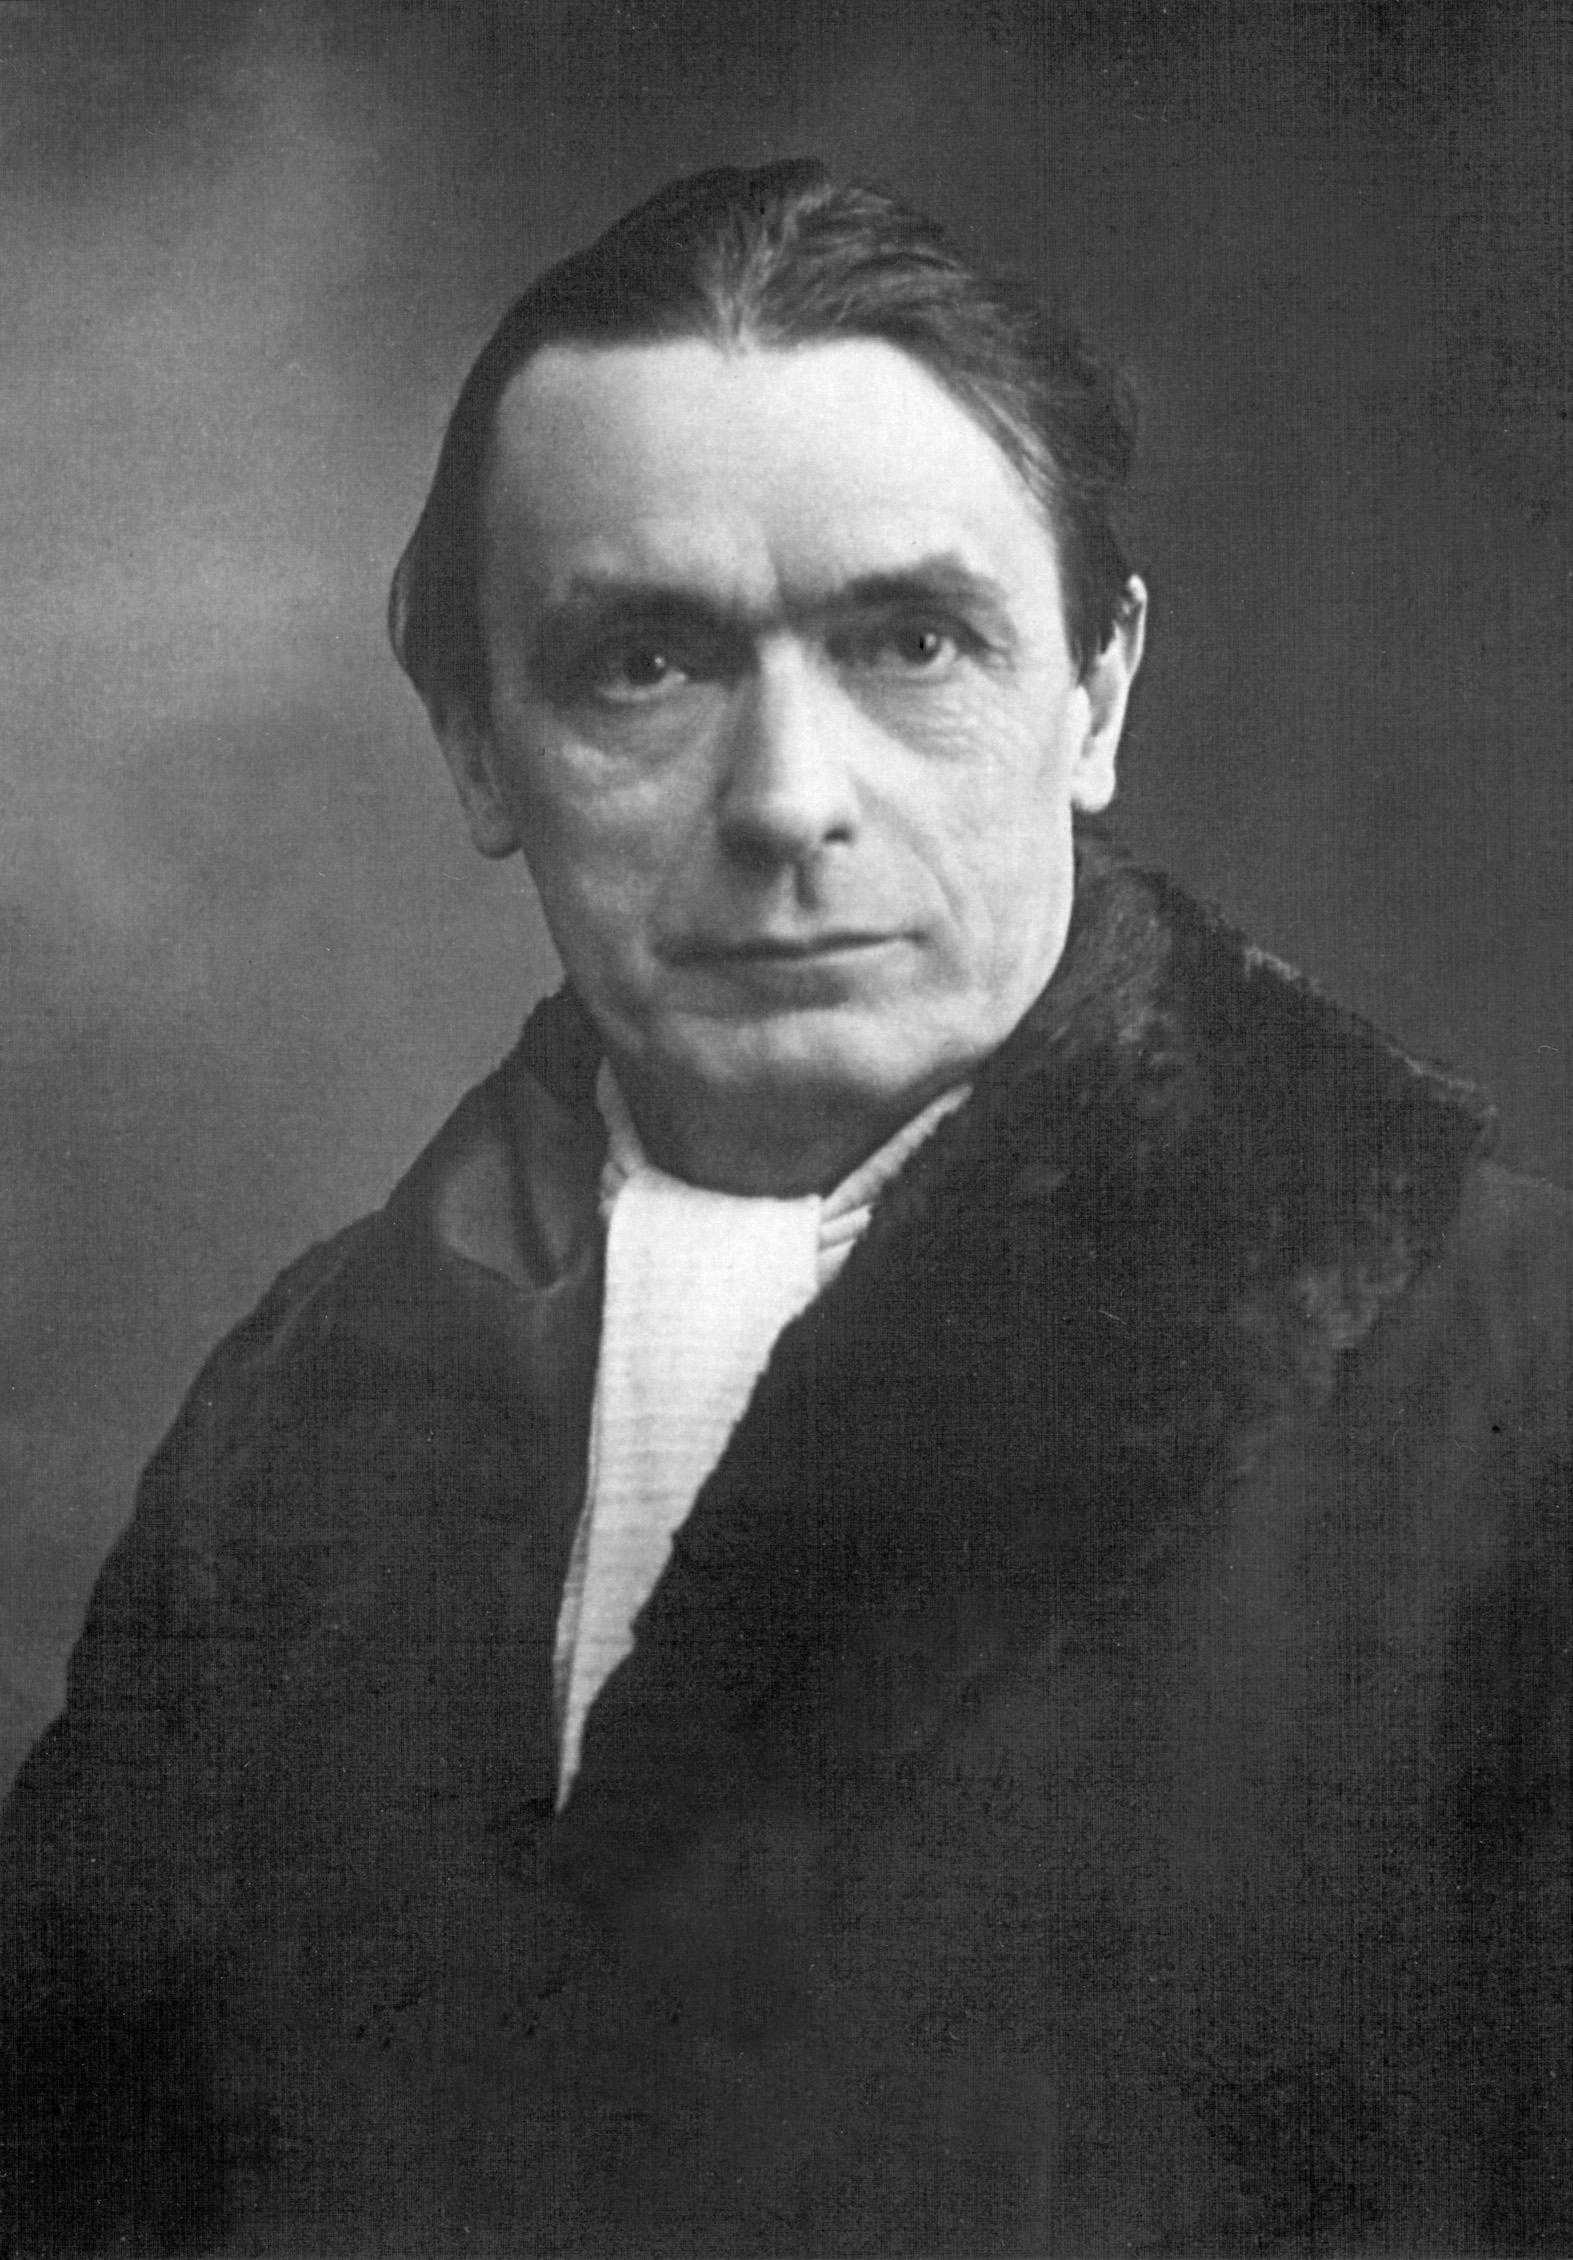 Rudolf Steiner 1915. - 2.-rudolf-steiner-1915